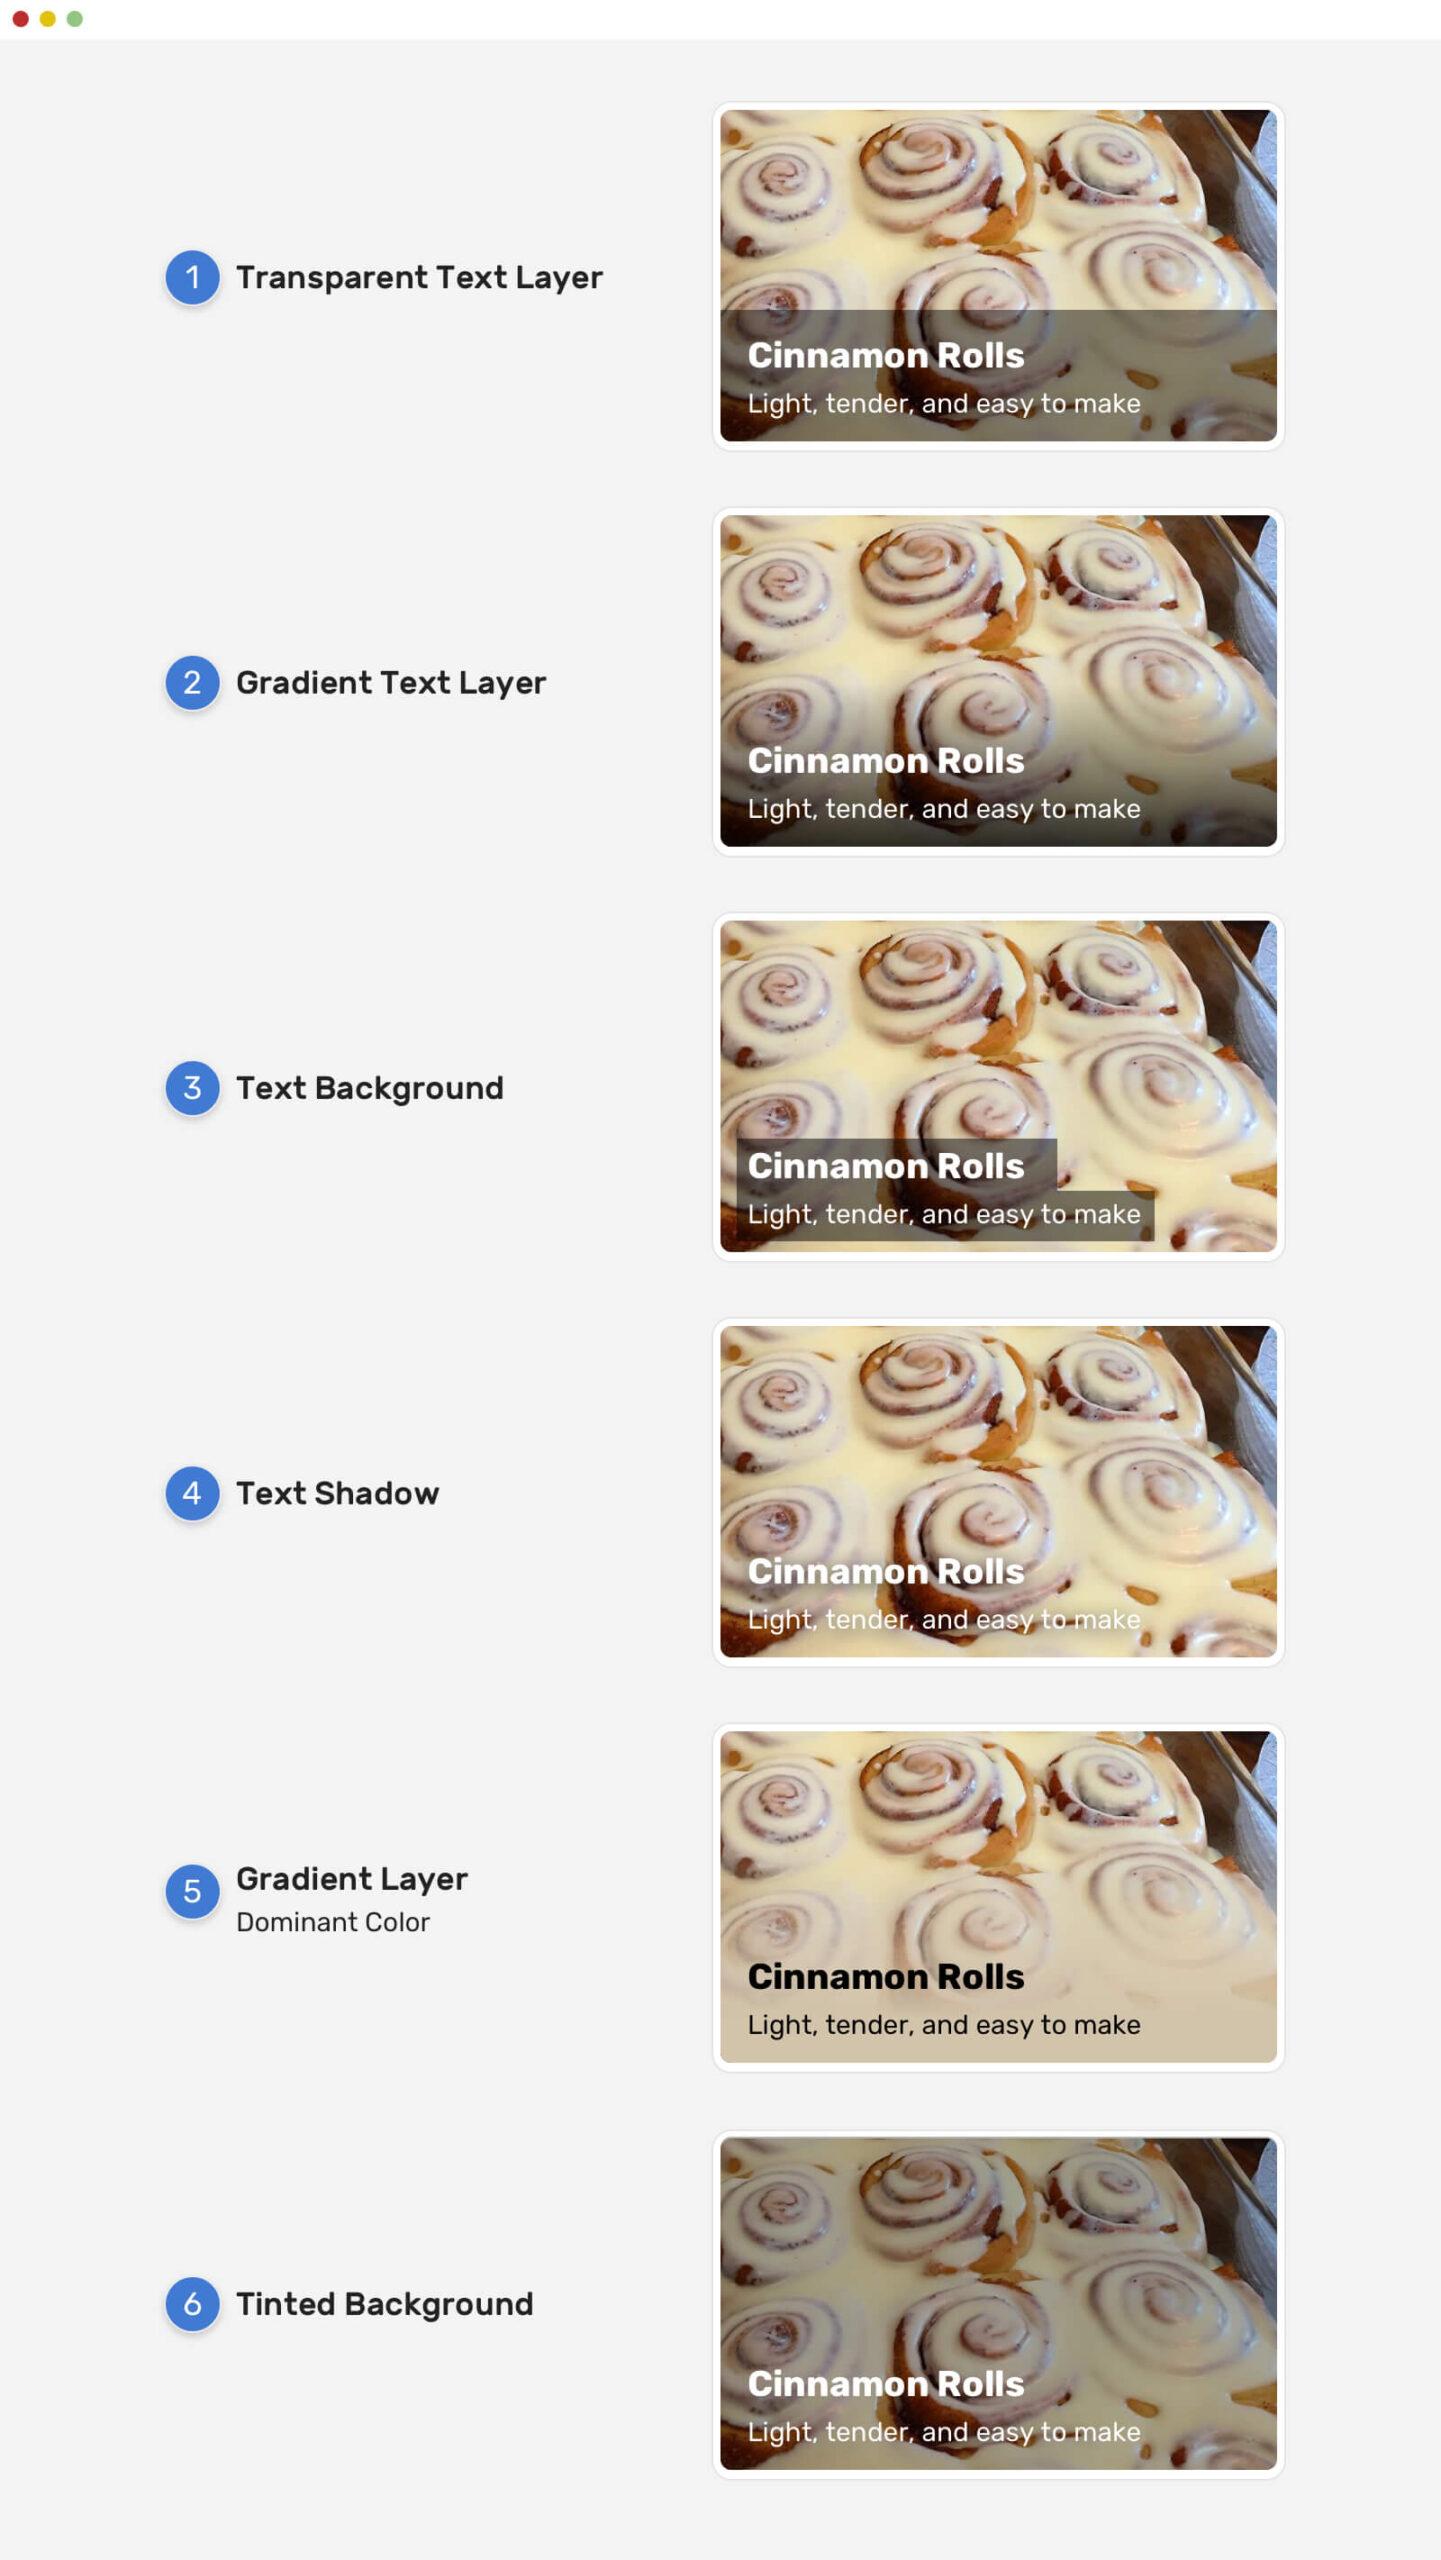 Варианты решения проблемы текста, расположенного поверх изображения.